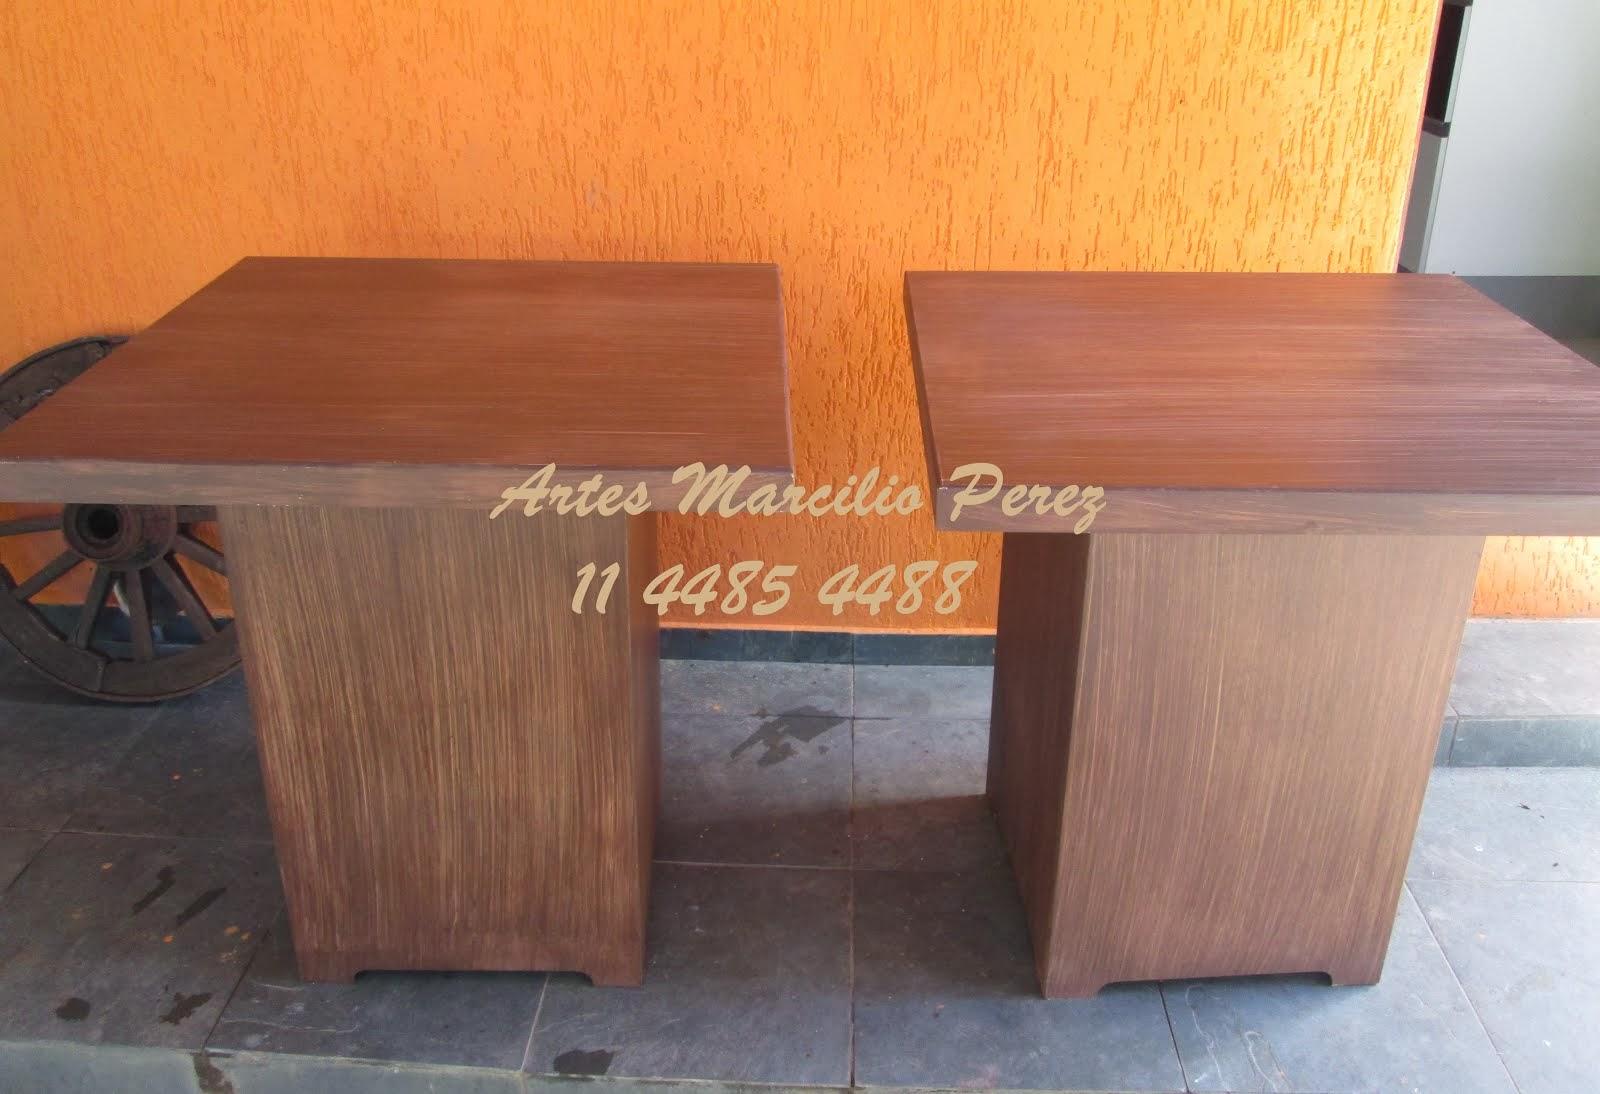 Conjunto mesa cubo R$ 520,00 acompanha 2 cubos  e 2 tampos removiveis de 80x80x80A